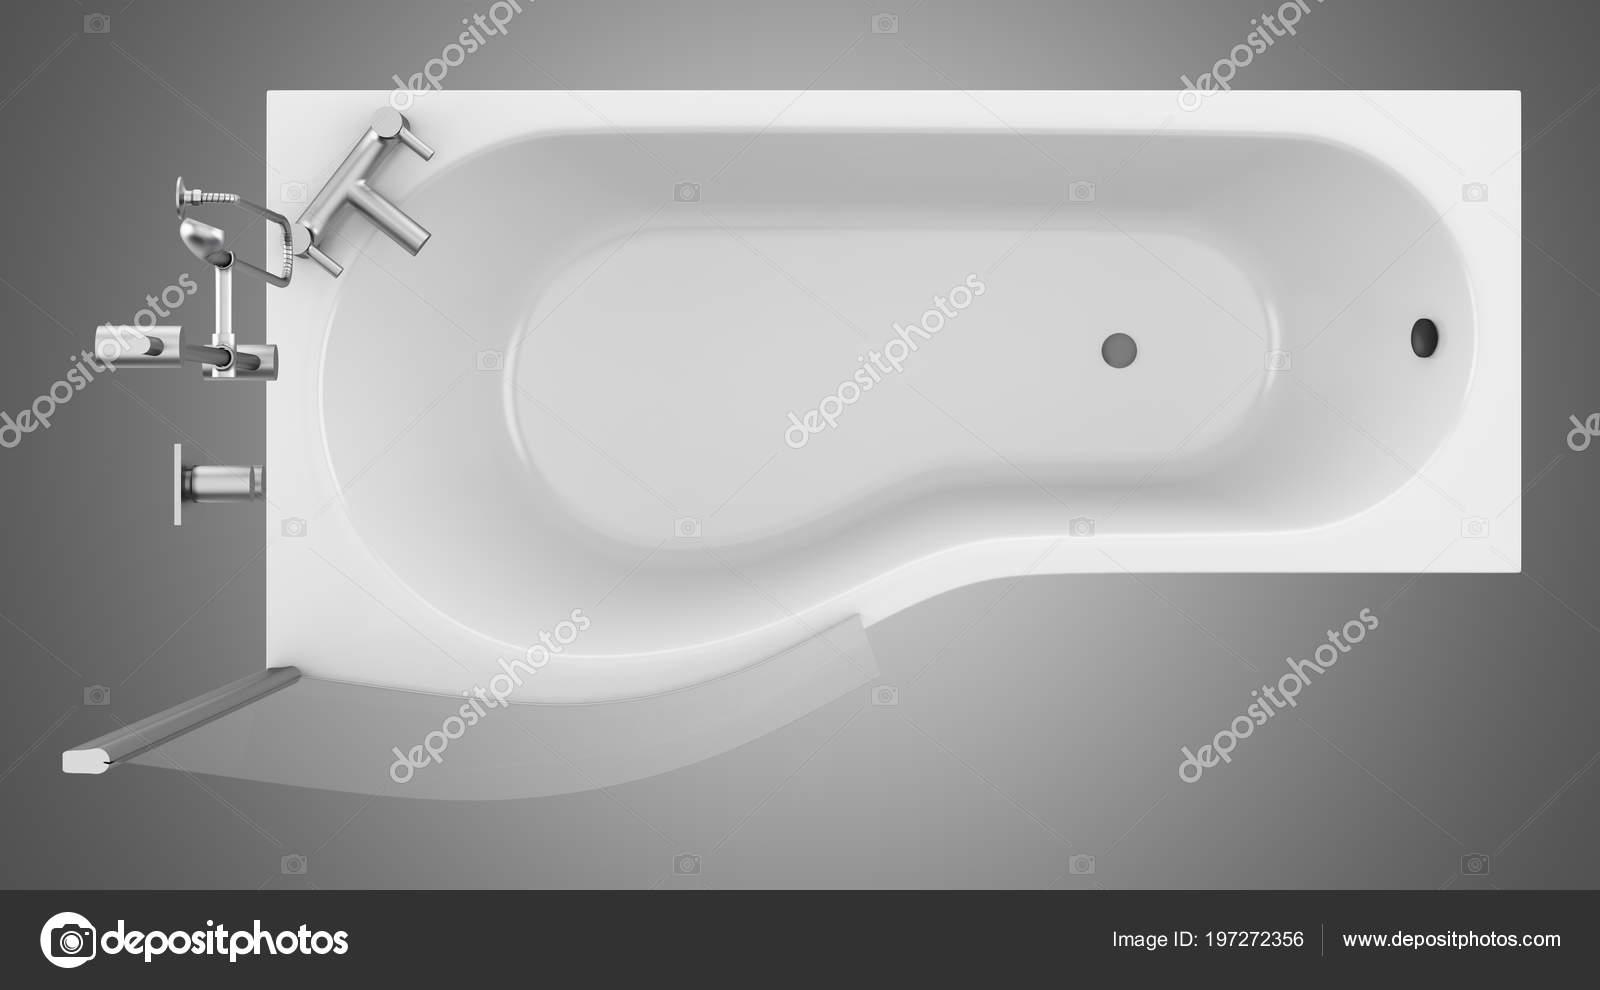 Vasca Da Bagno Vetro : Vista superiore della vasca bagno moderno con doccia vetro isolato